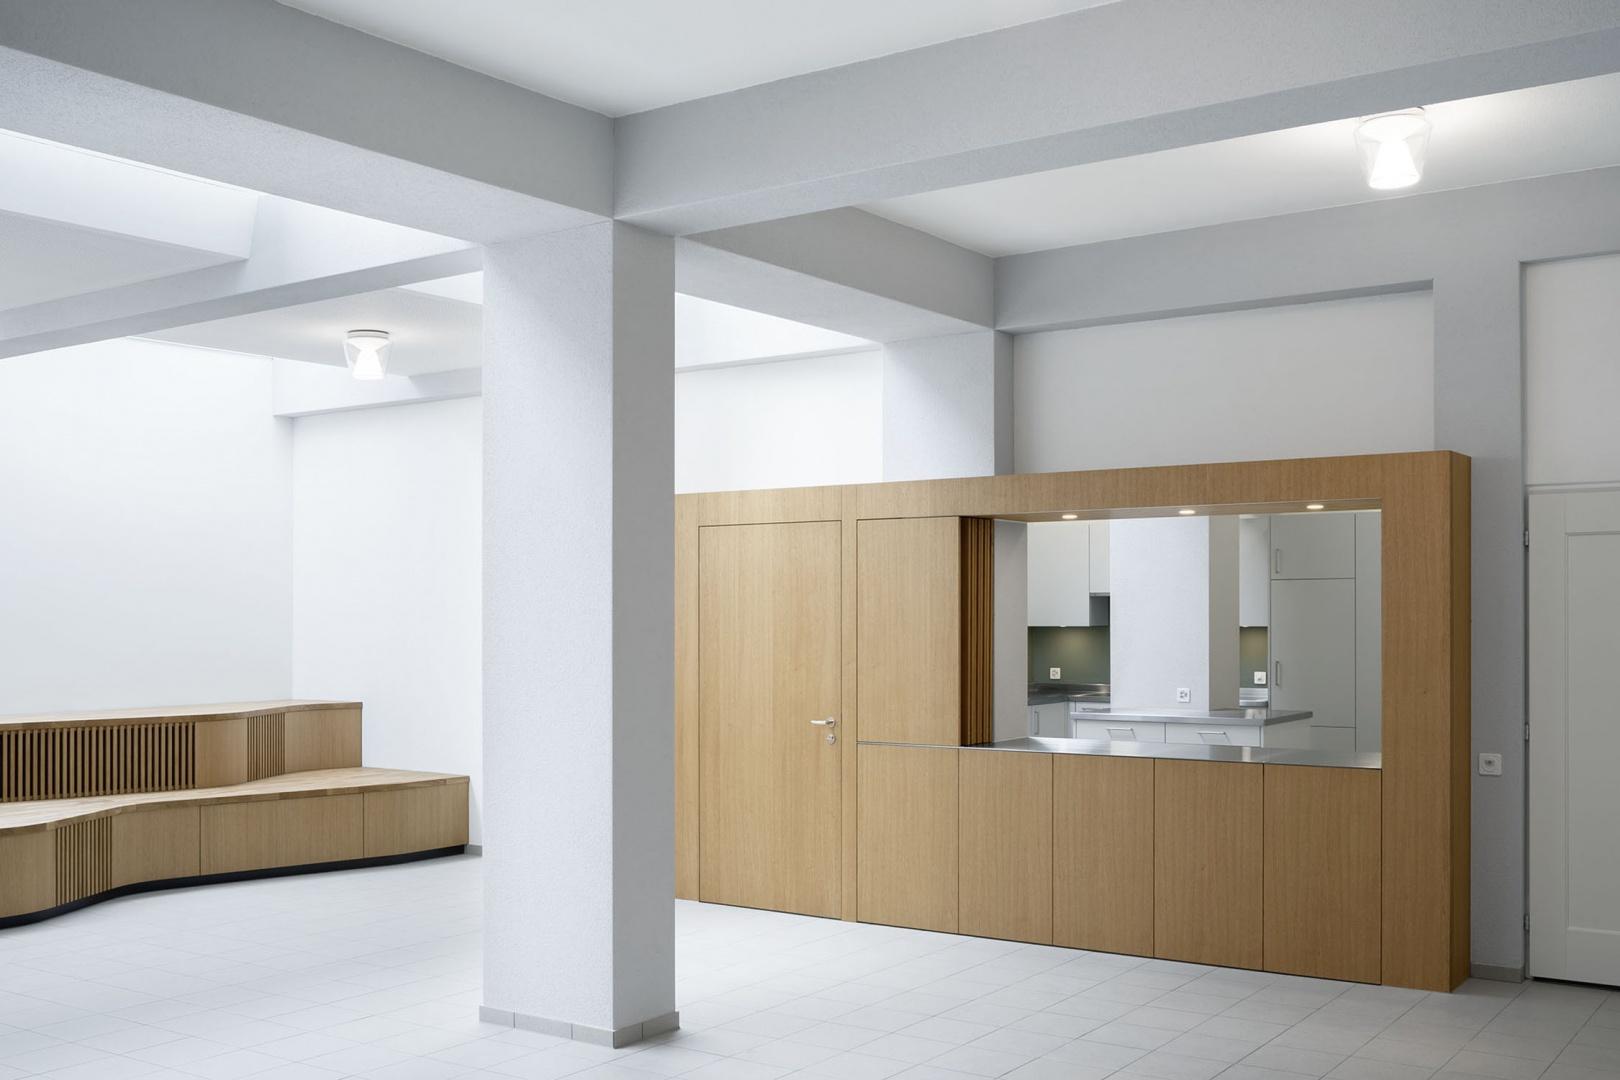 Foyer © Michael Egloff, michaelegloff.ch